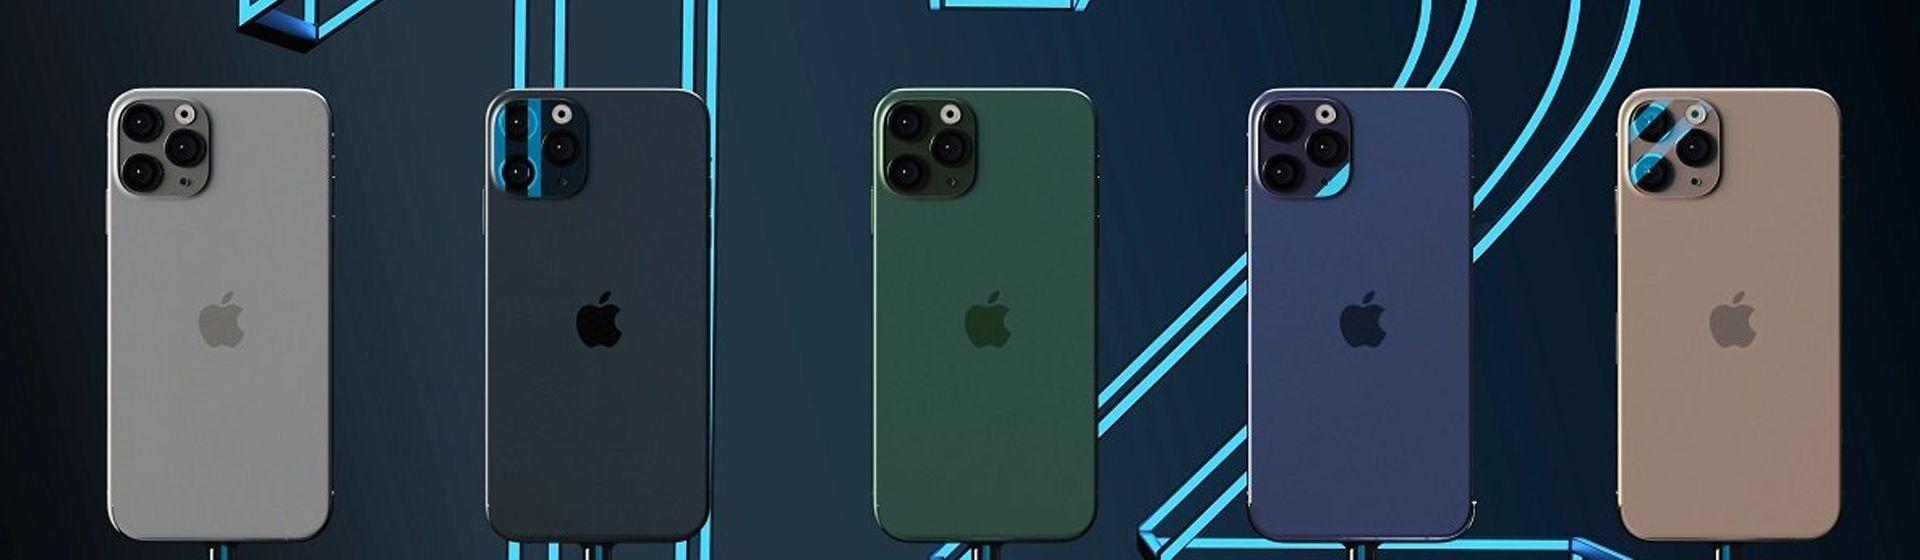 iPhone 12 com 5G é lançado; confira todos os detalhes sobre os aparelhos